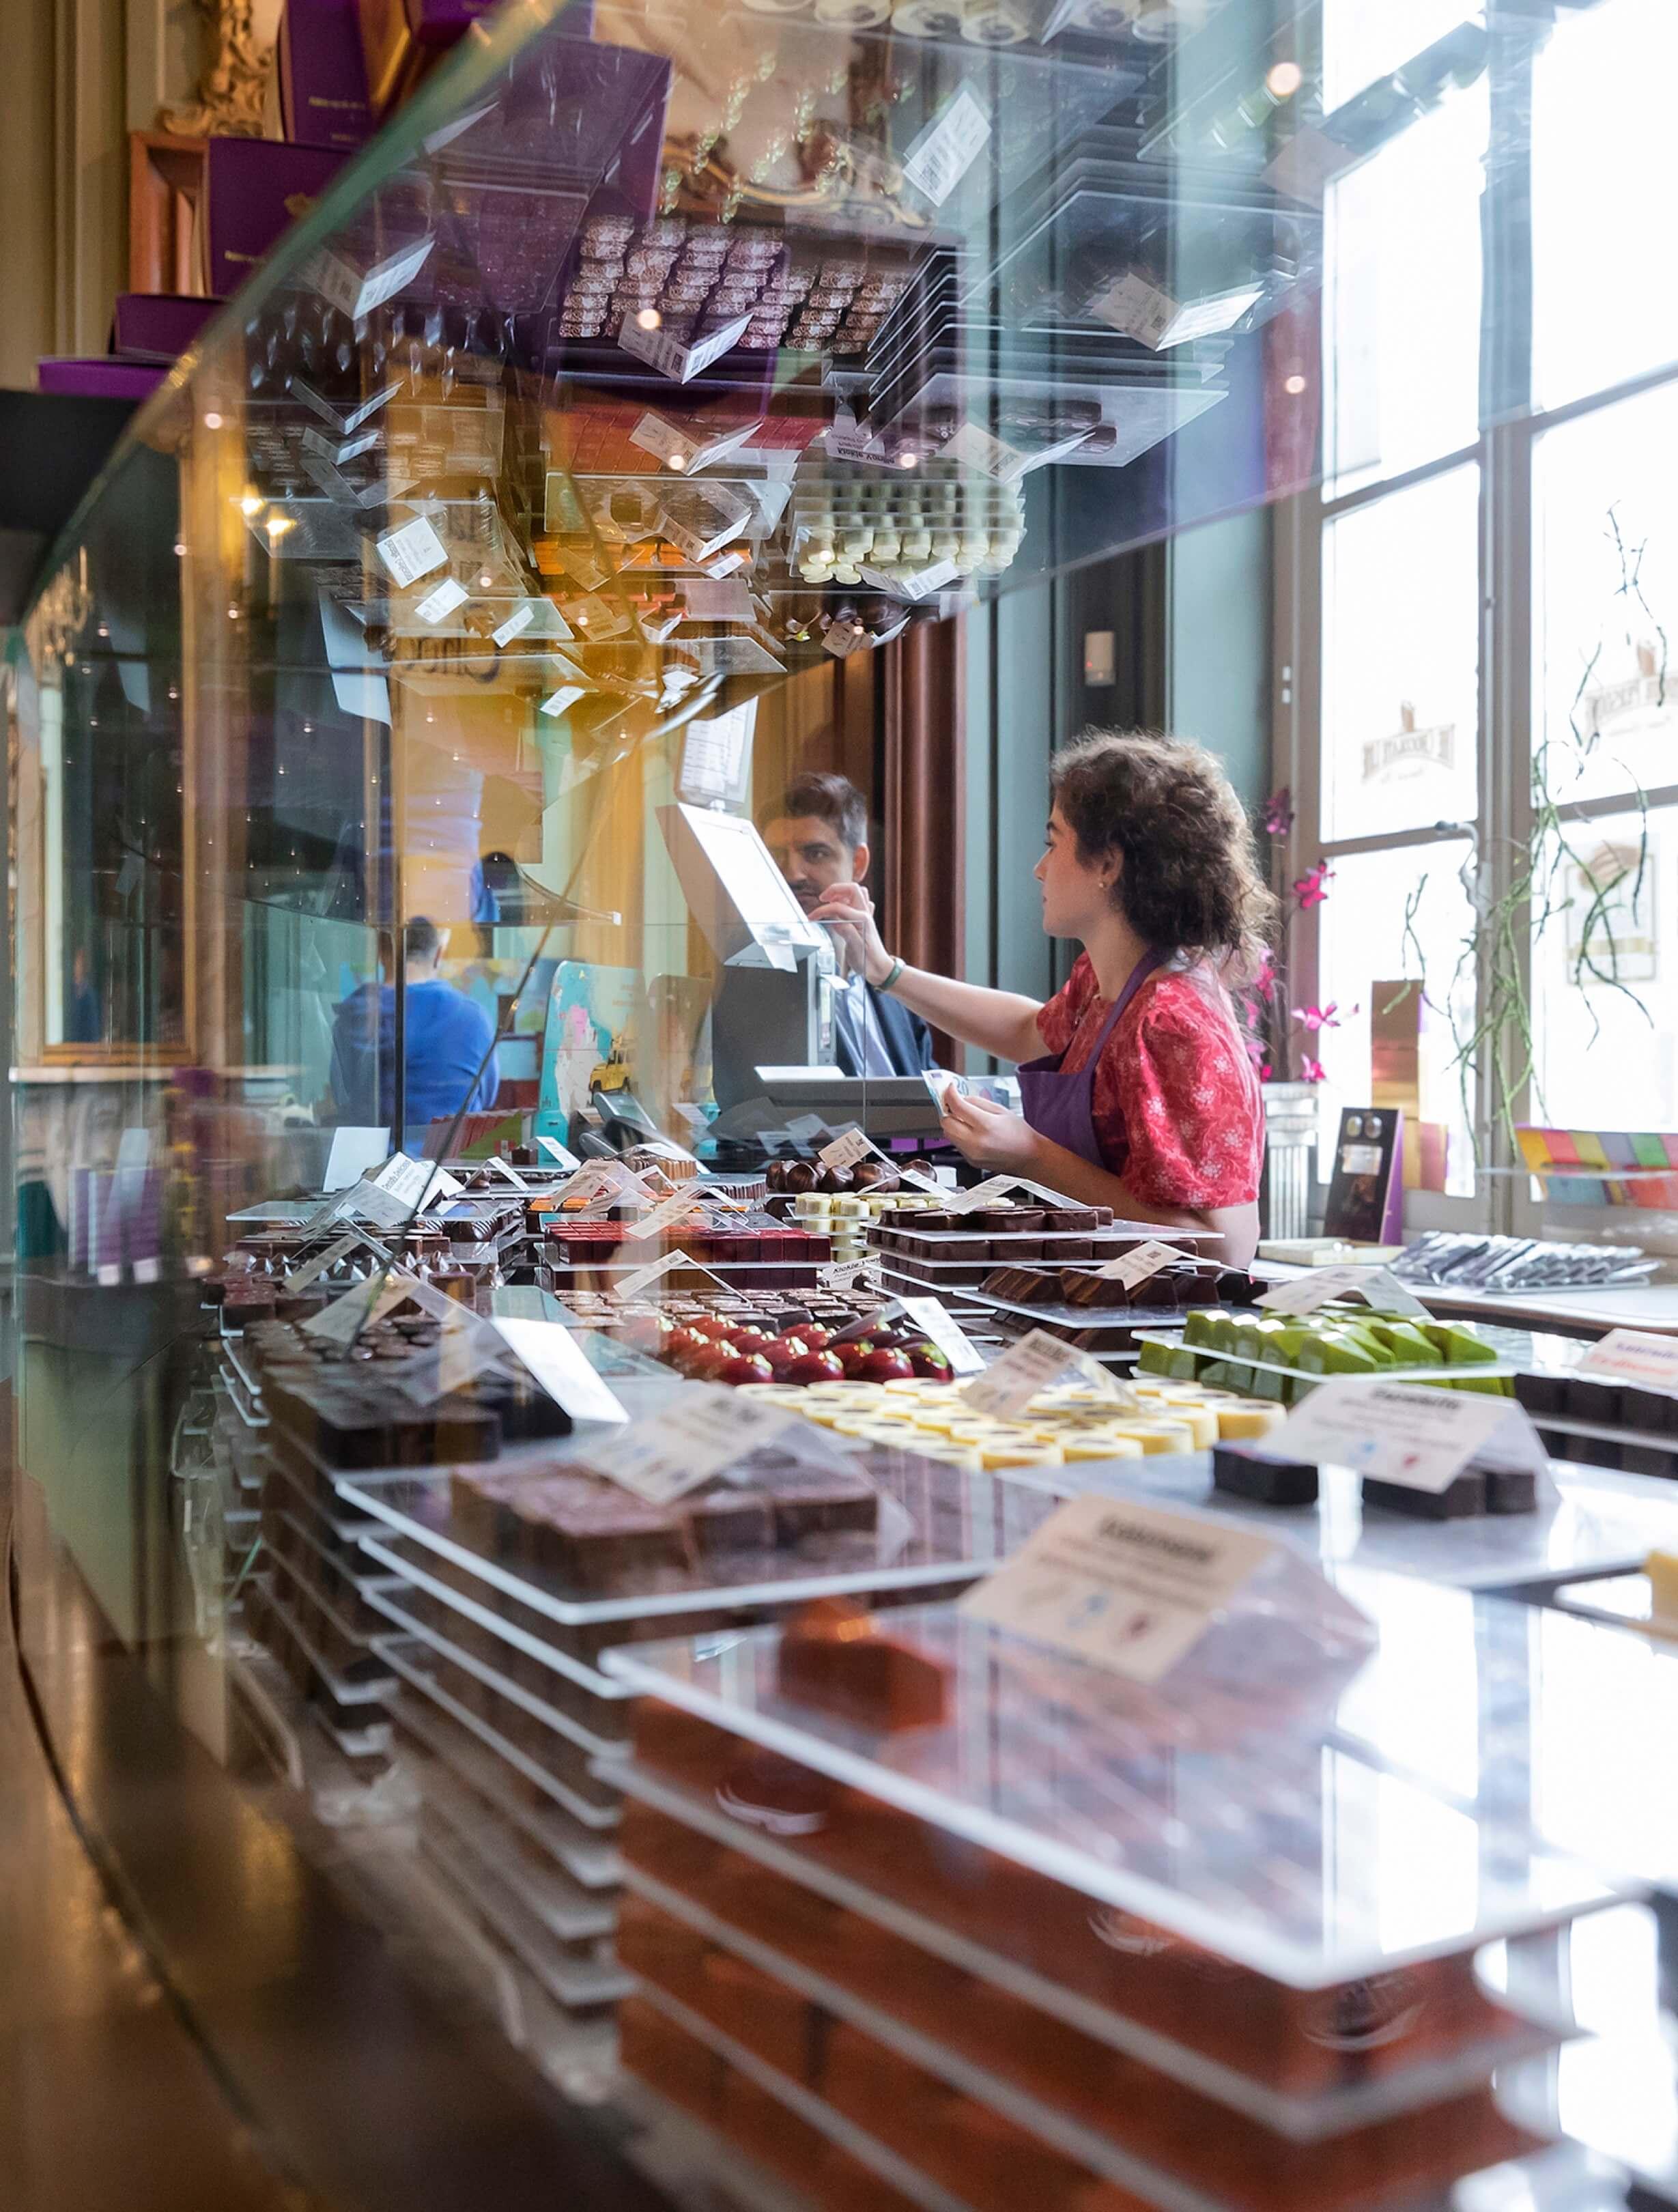 boek Circles of retail Boom beroepsonderwijs Sarphati Jurjen Poeles fotografie reportage retailconcept winkel shopping winkelen The Chocolate Line Meir Antwerpen België